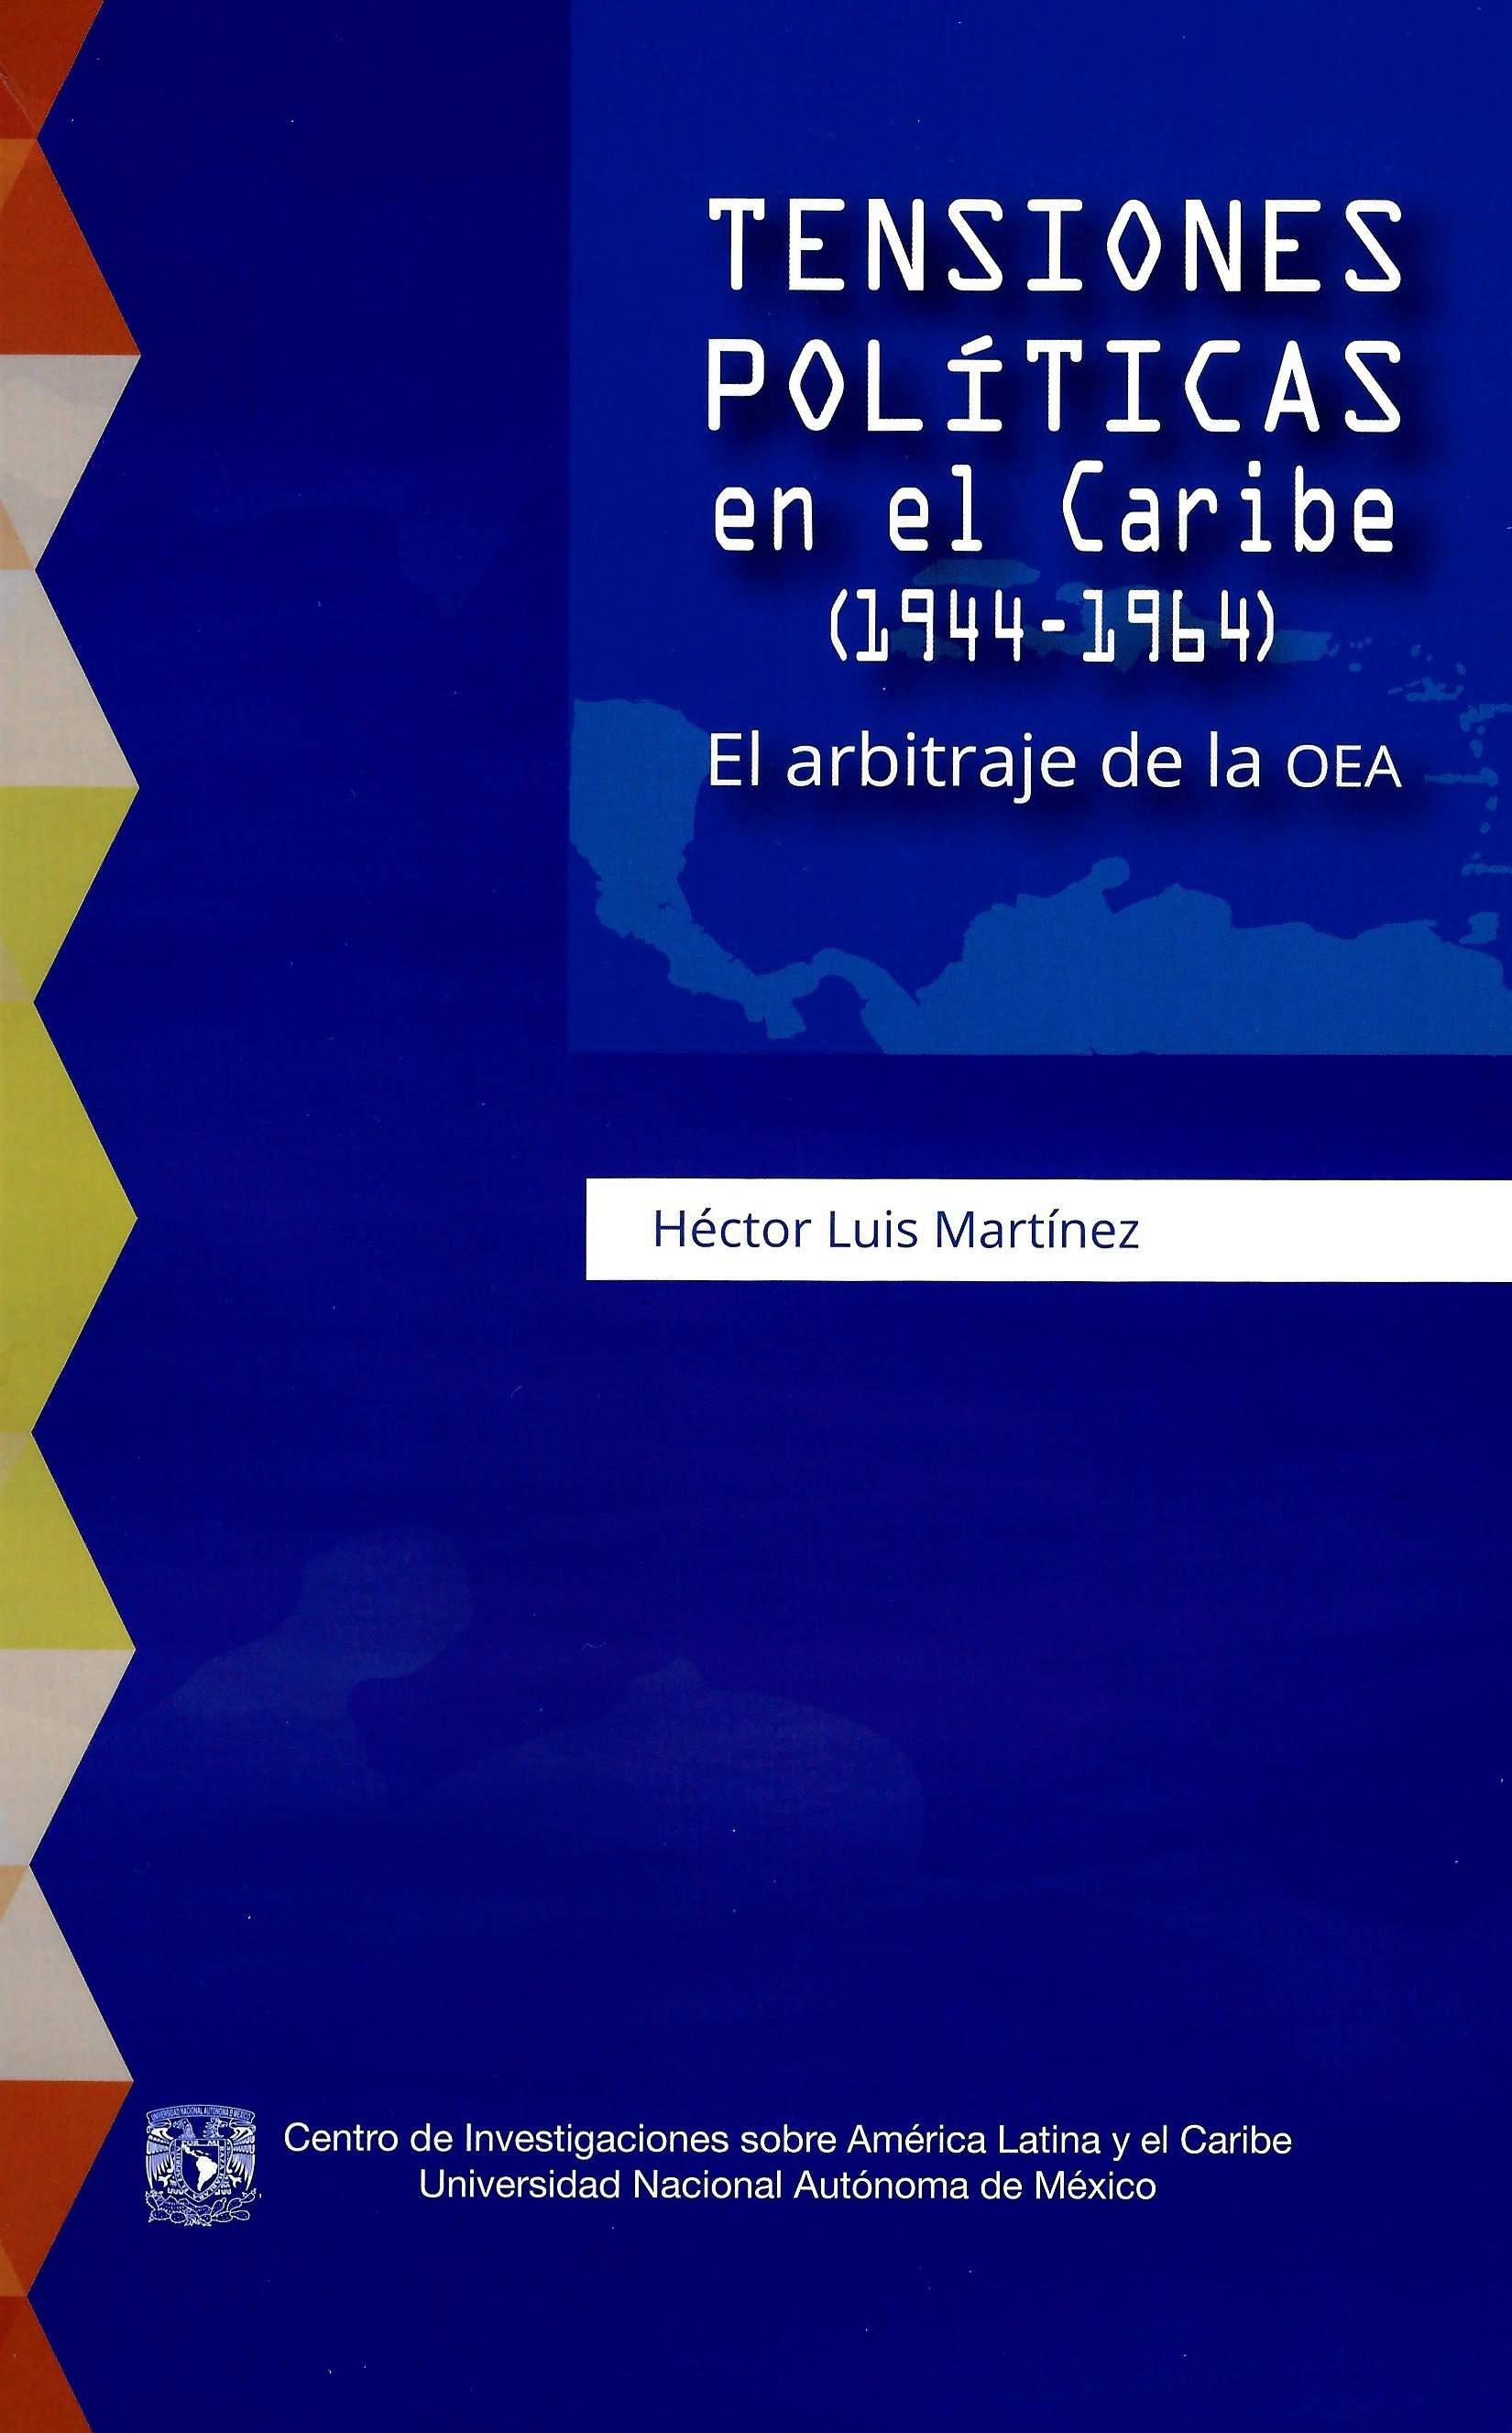 Tensiones políticas en el Caribe (1944-1964). El arbitraje de la OEA